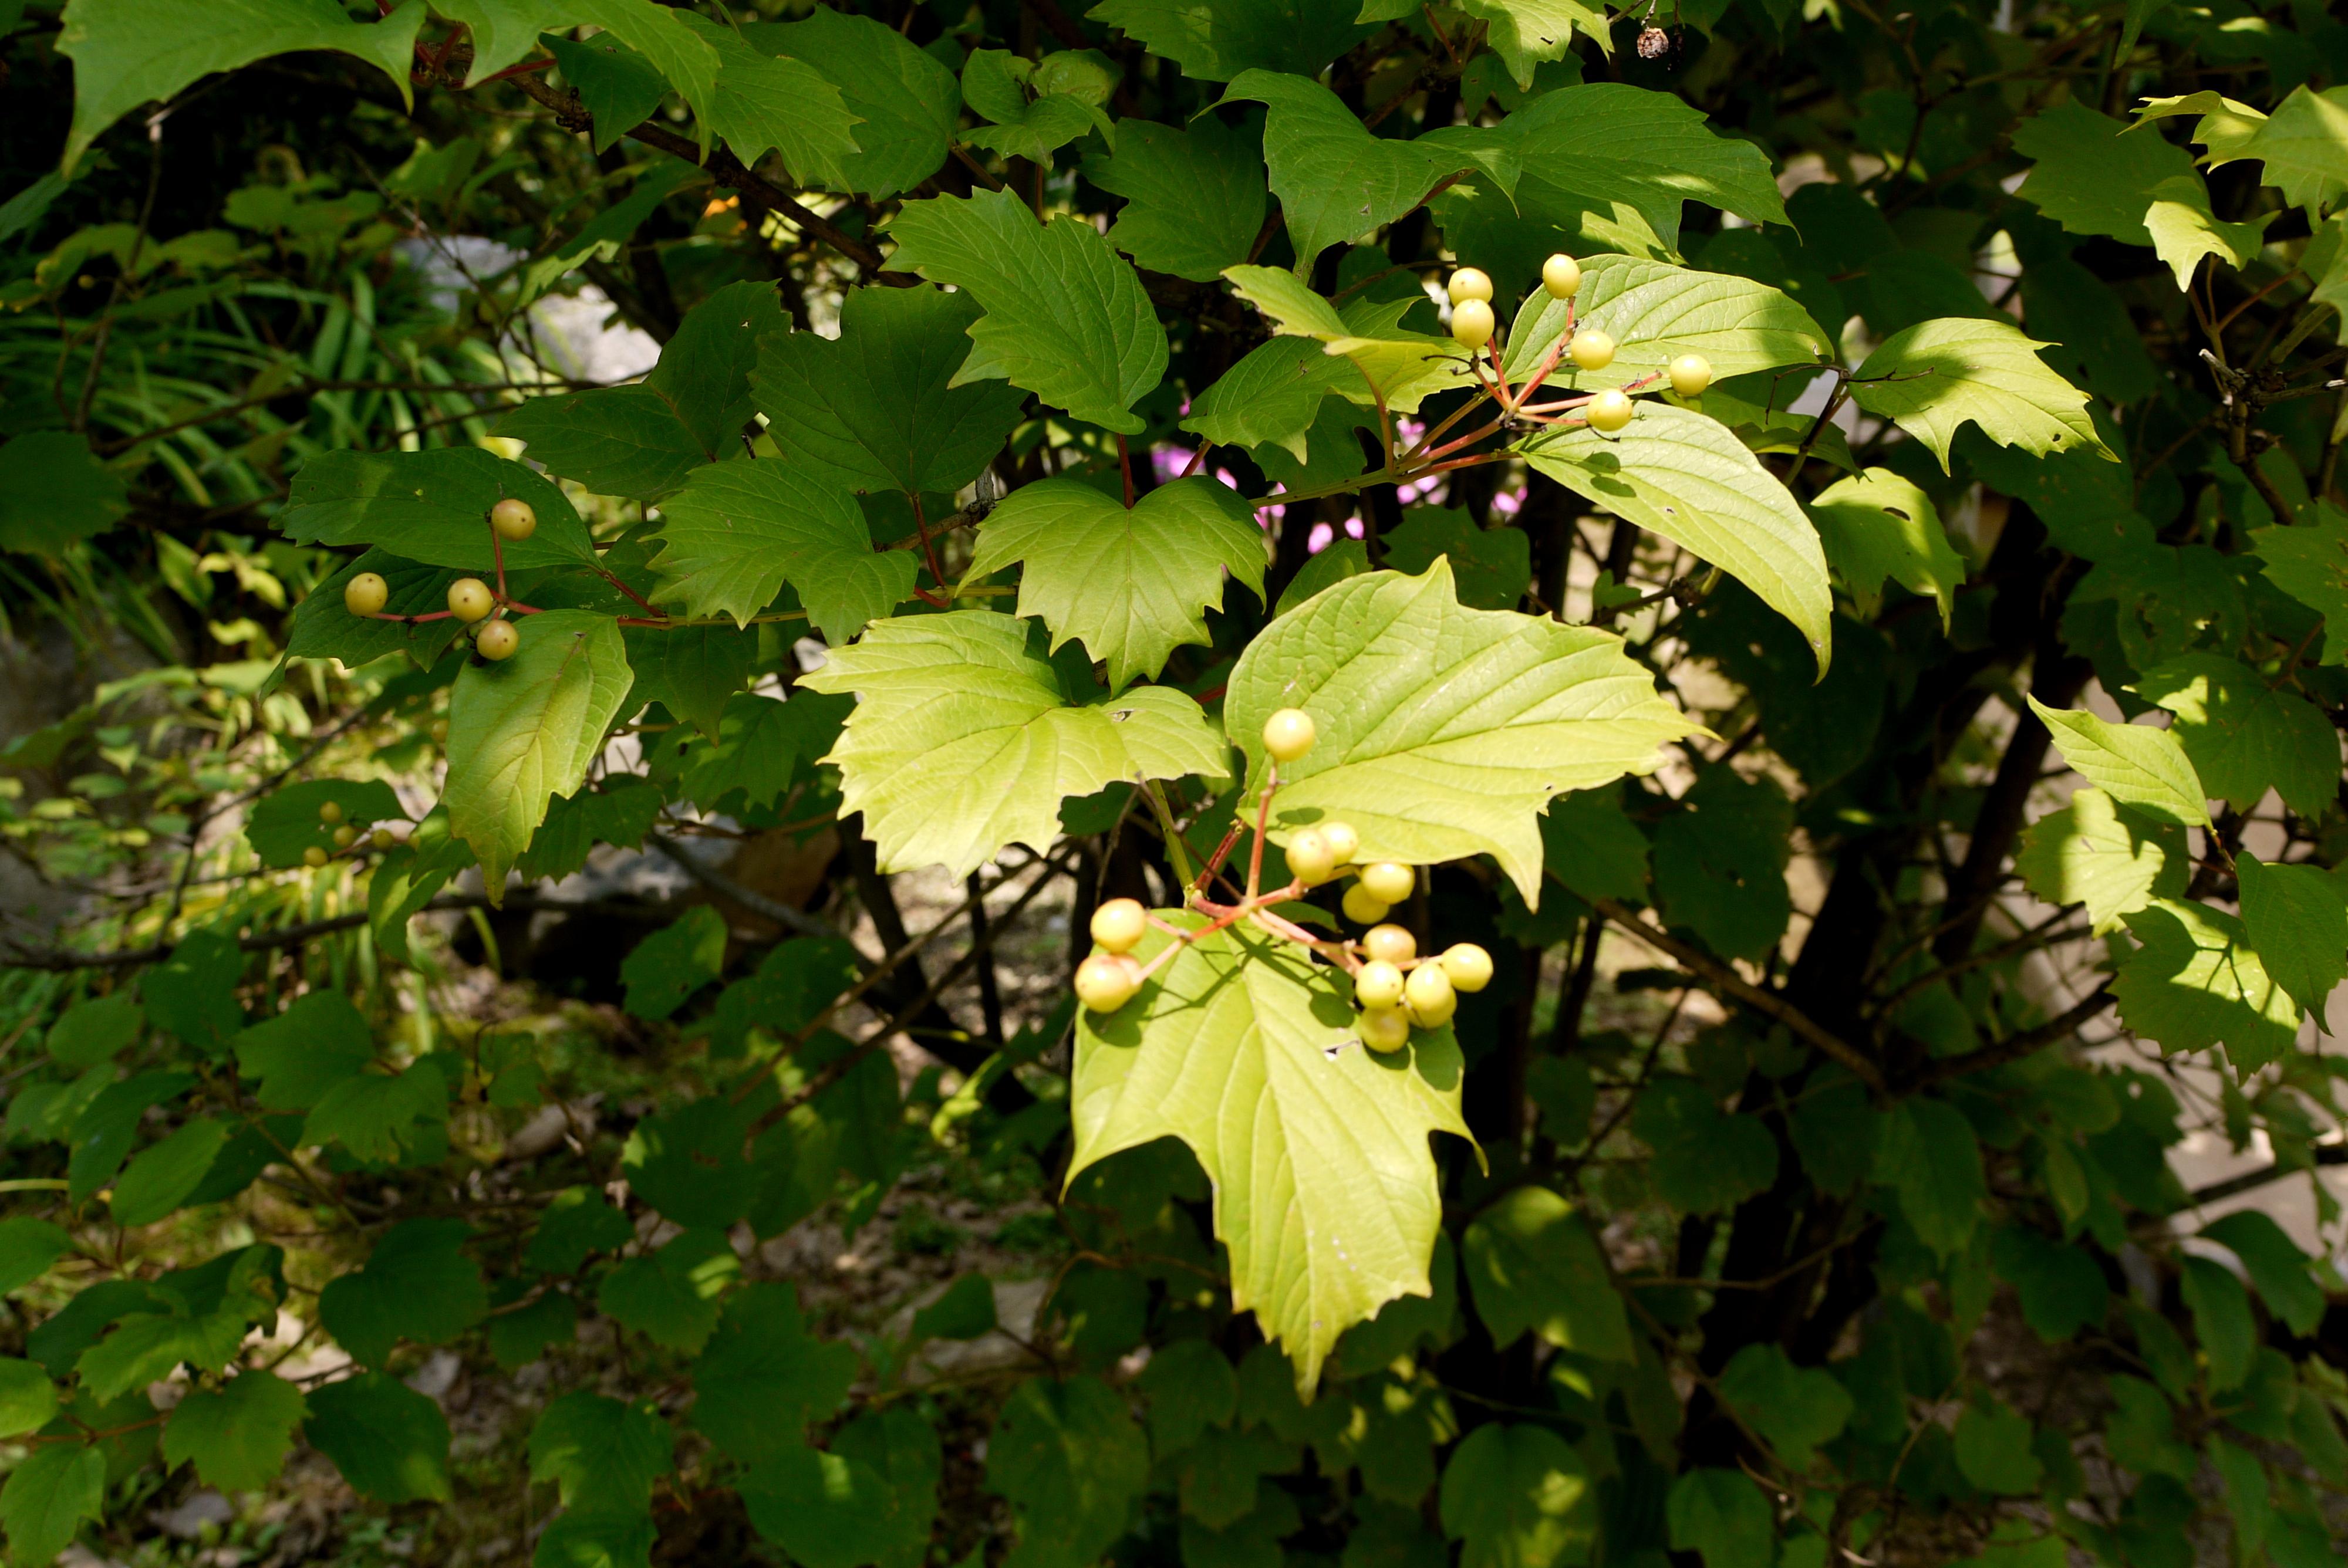 열매가 열린 나무